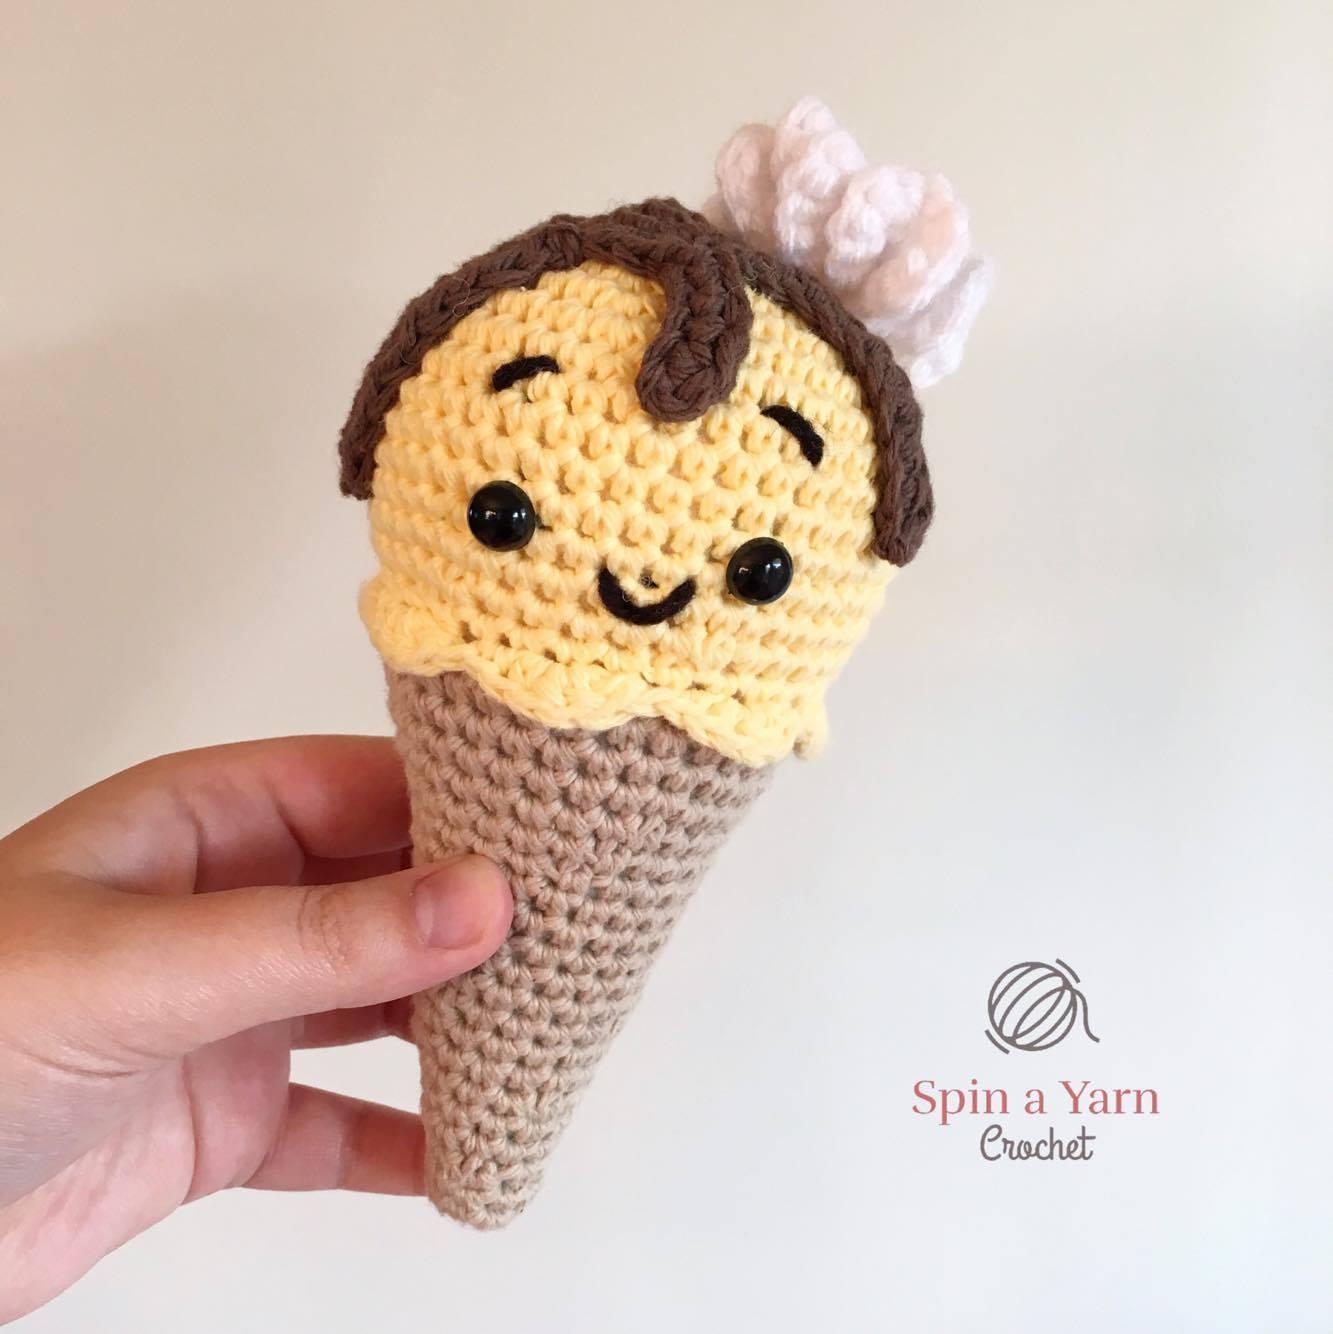 12 Adorable Amigurumi Ice Cream Crochet Patterns Are Super Fun ... | 1334x1333